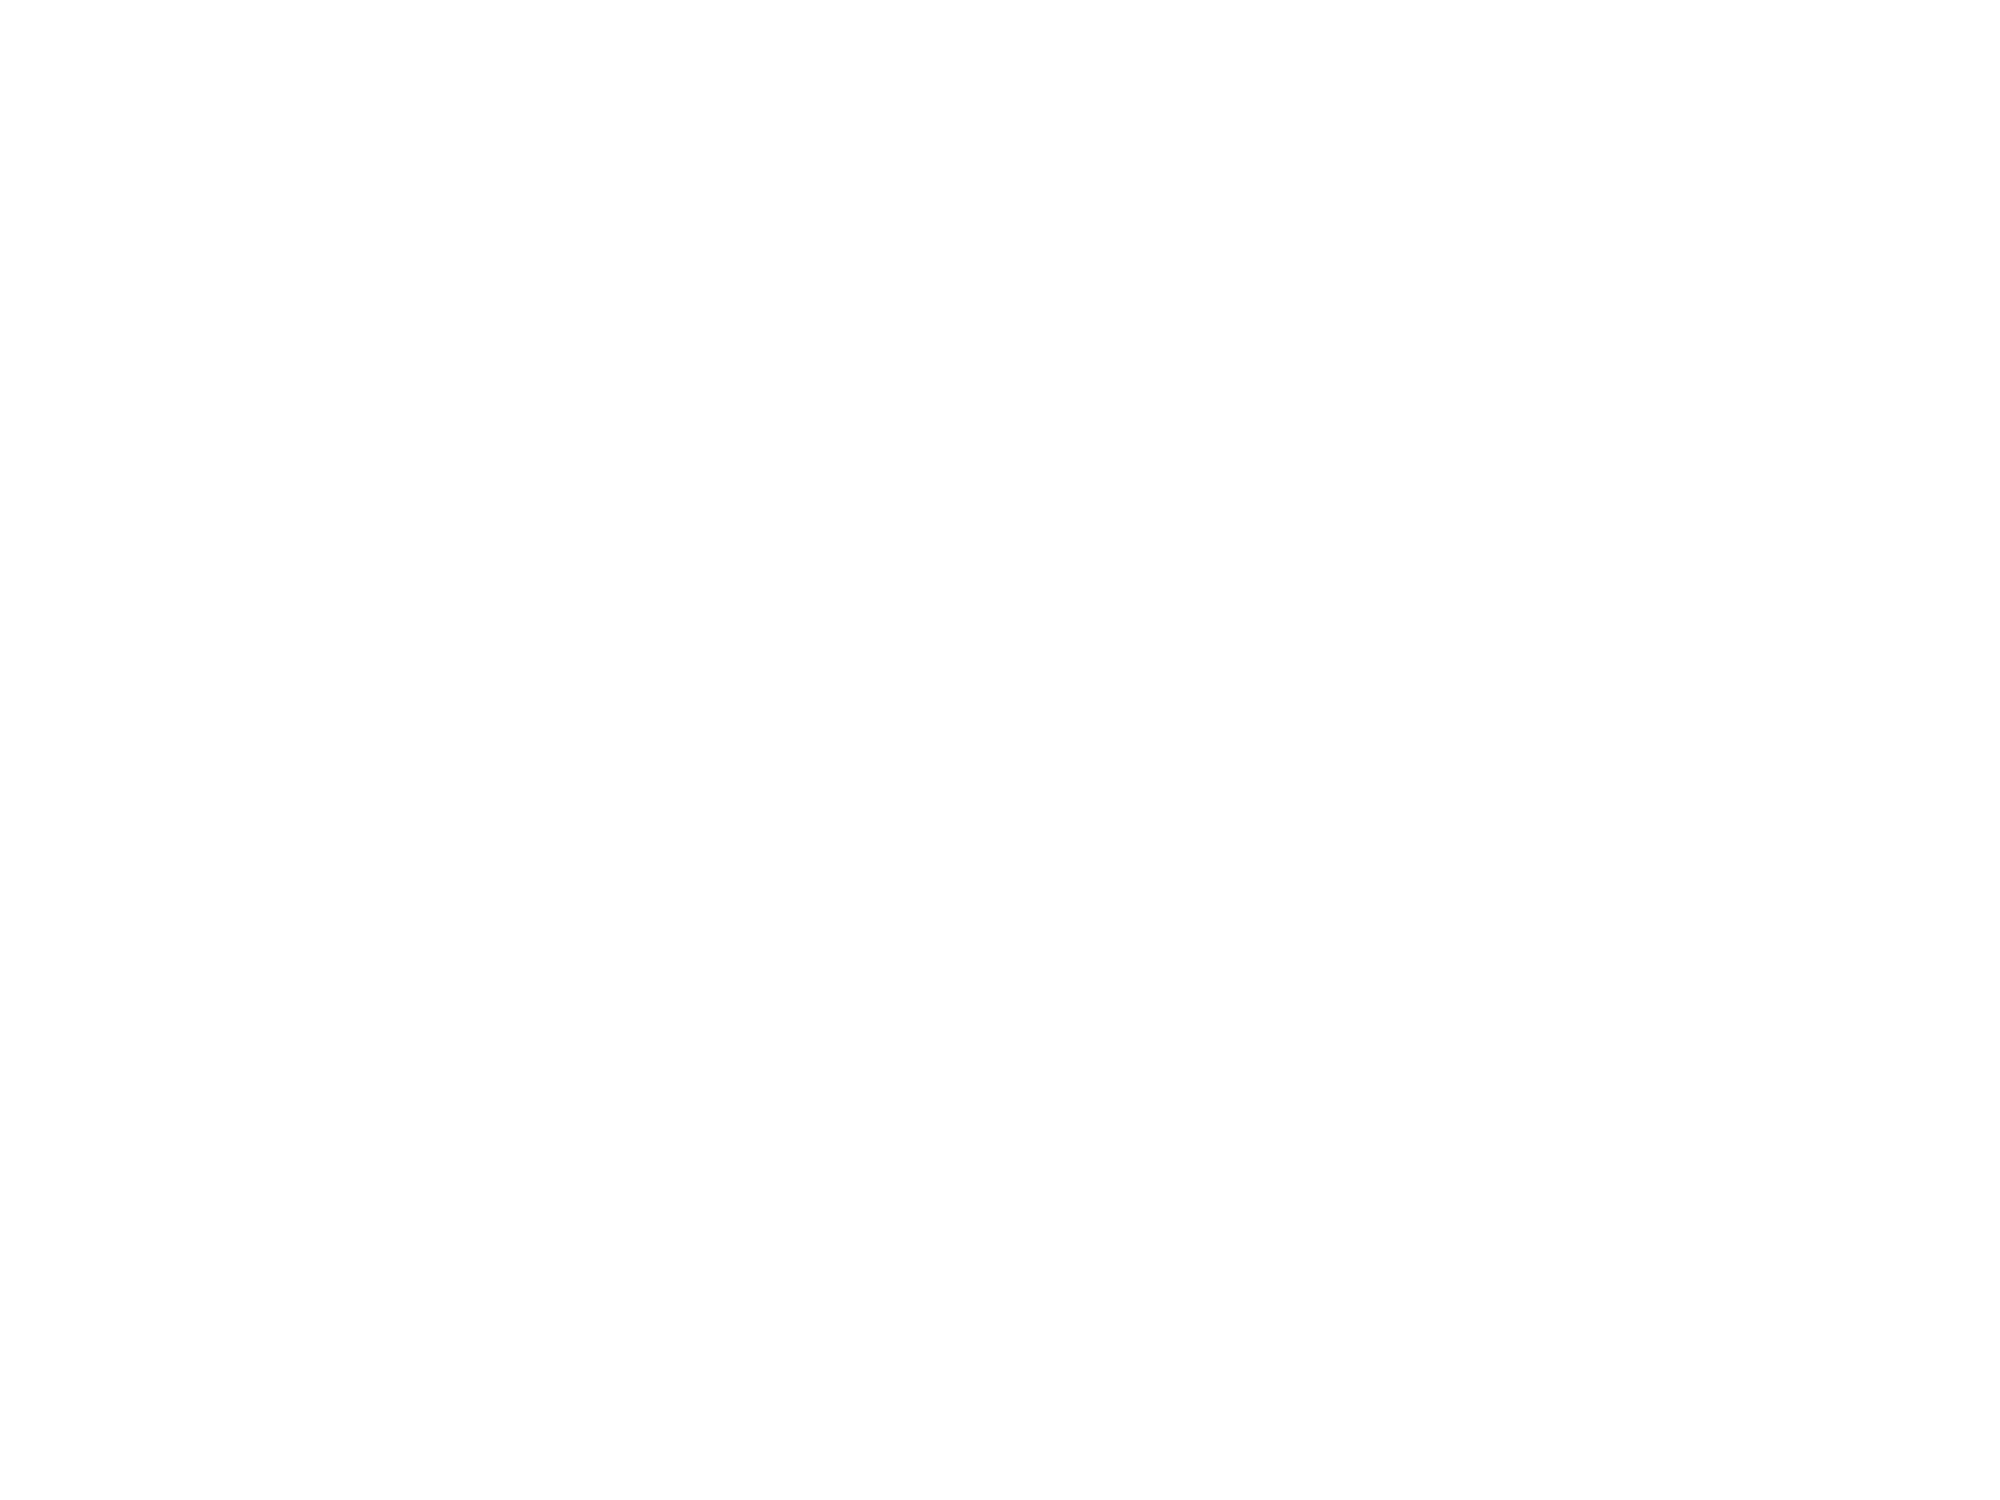 Medikaptour